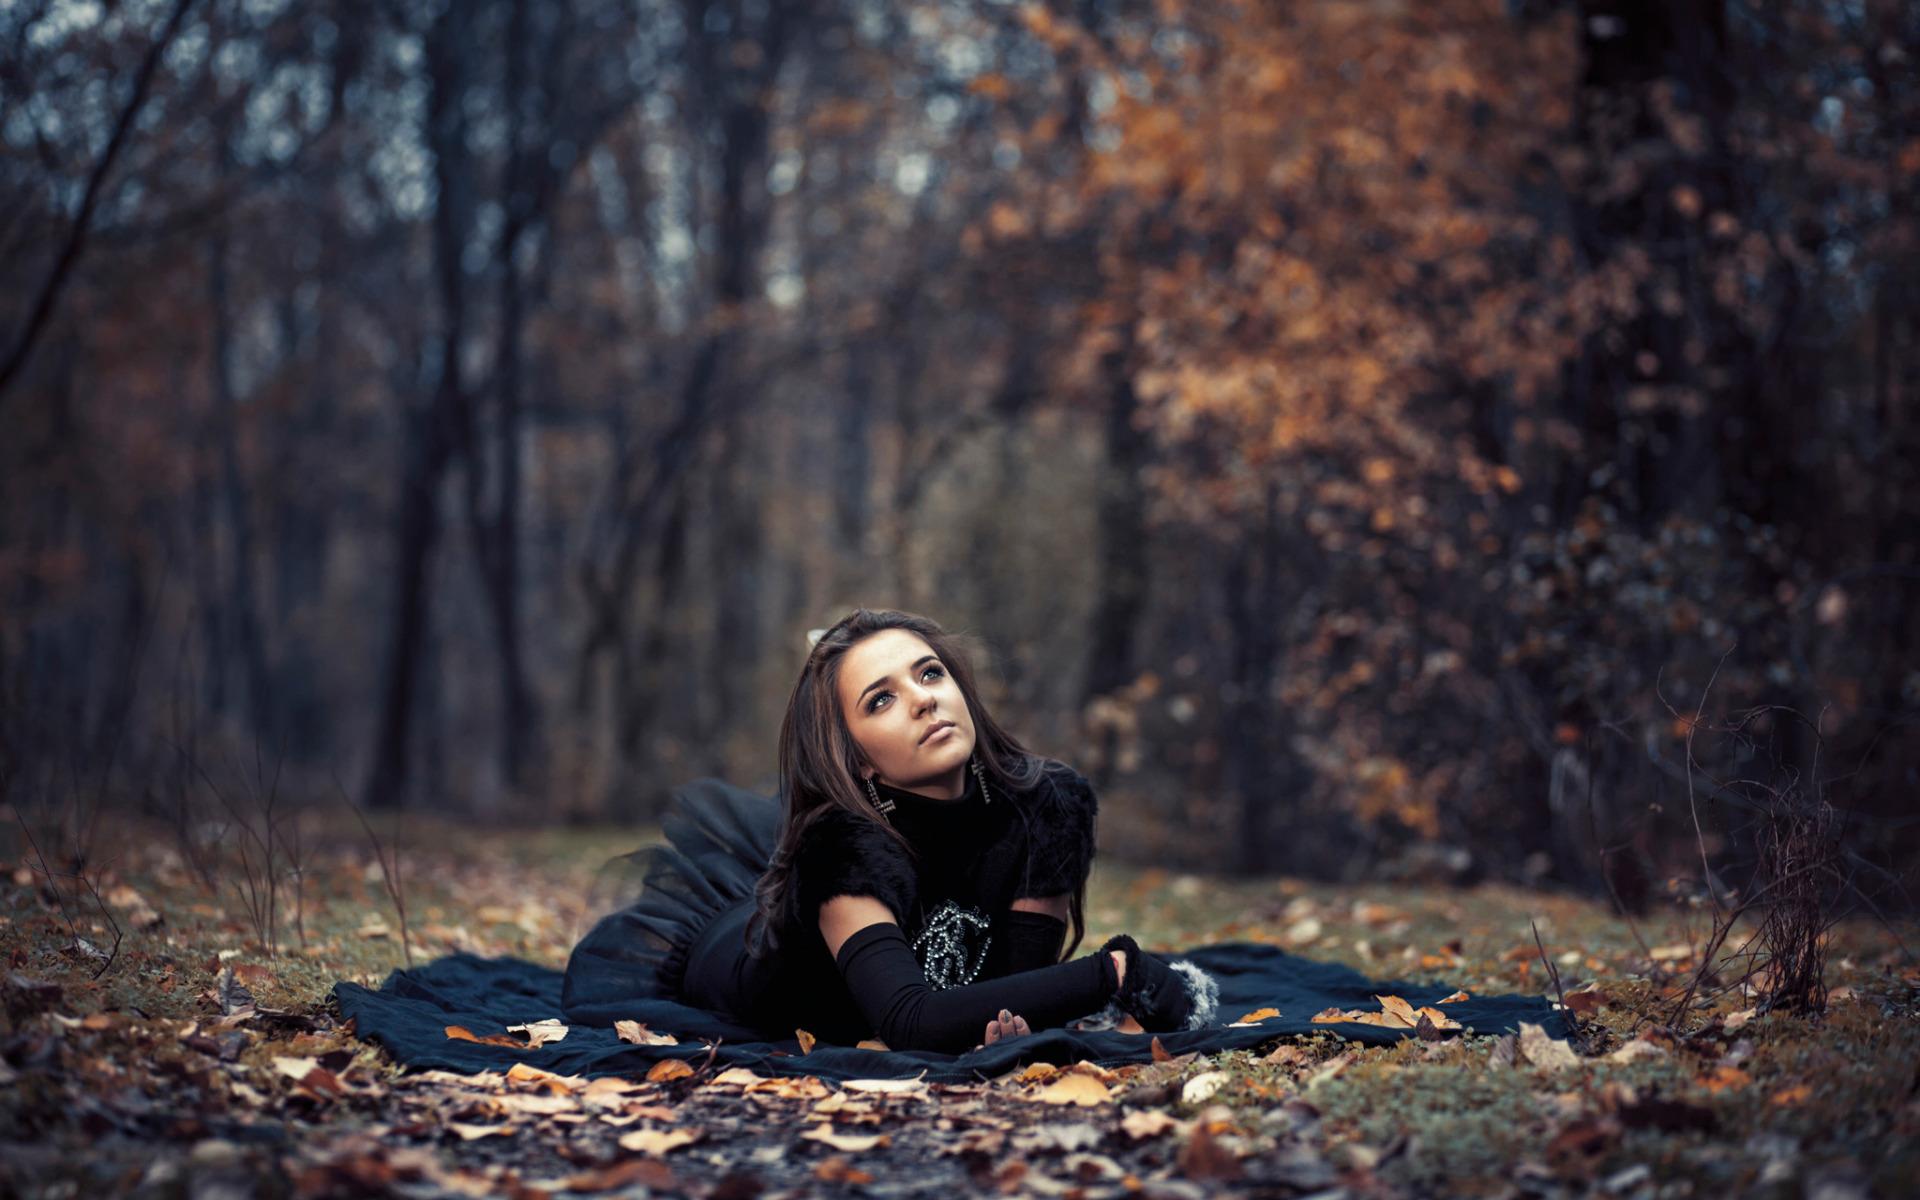 частности, предусмотрено как фотографировать в лесу днем люди карими